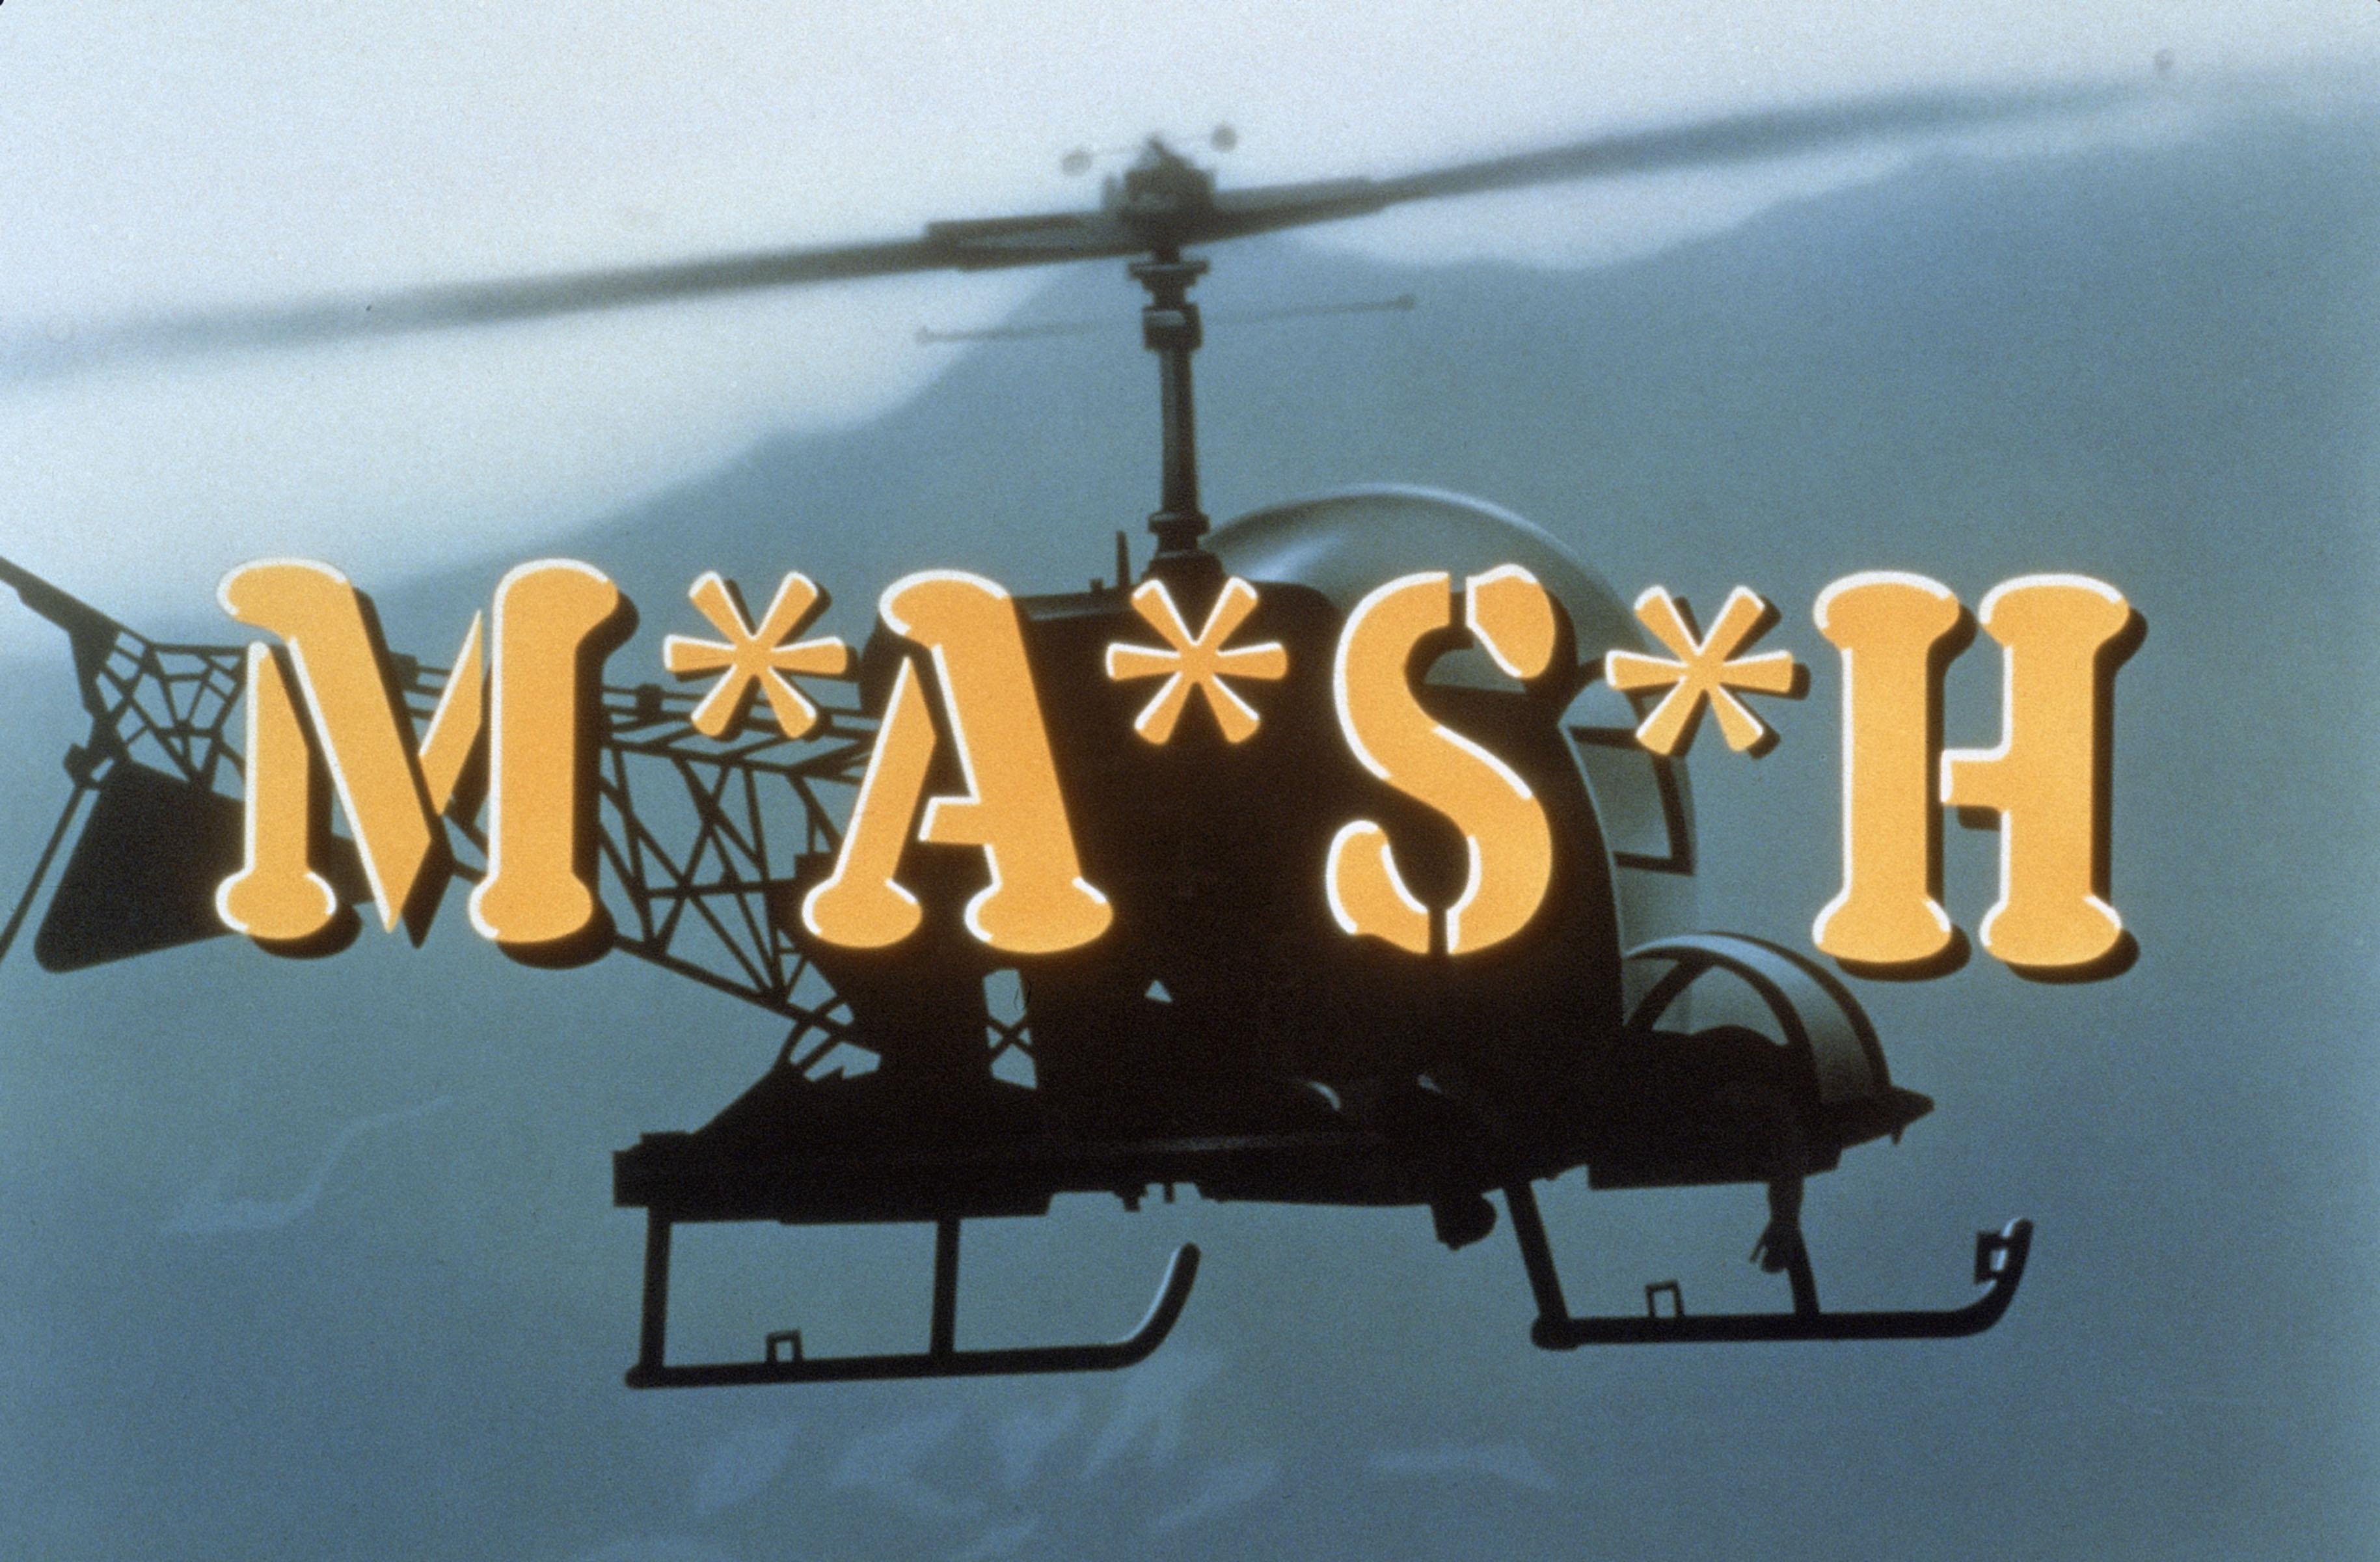 28 gennaio 1983 – M*A*S*H* manda in onda il suo ultimo episodio!